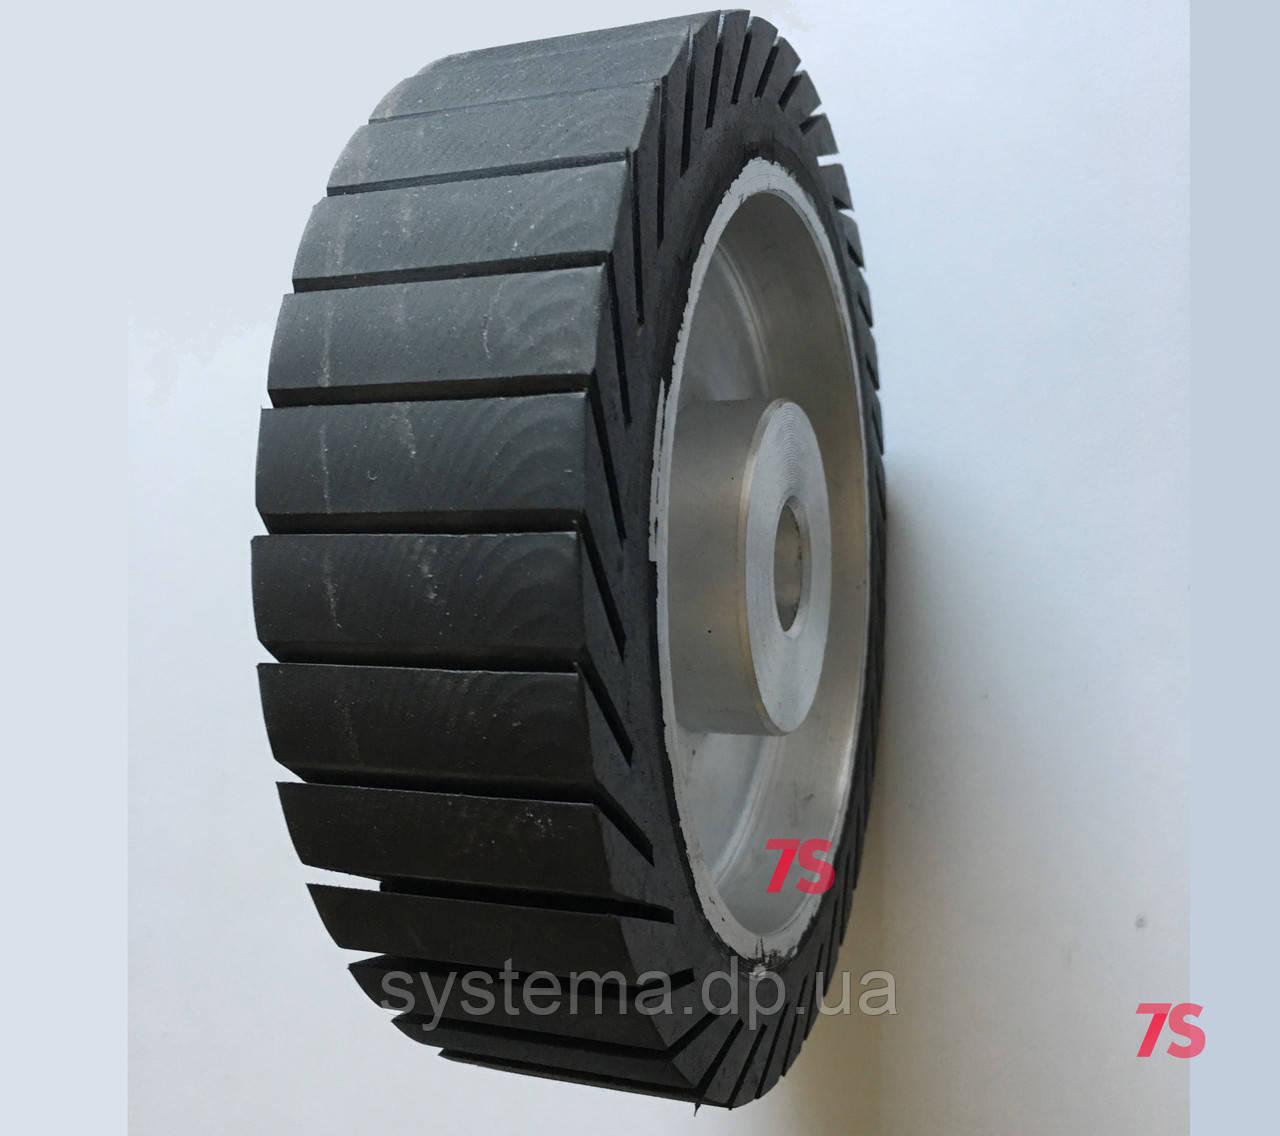 Шлифовальный барабан, д. 200х50,0х25,4 мм, для лент 50х628-632 мм, расширяющийся от вращения, резиновый